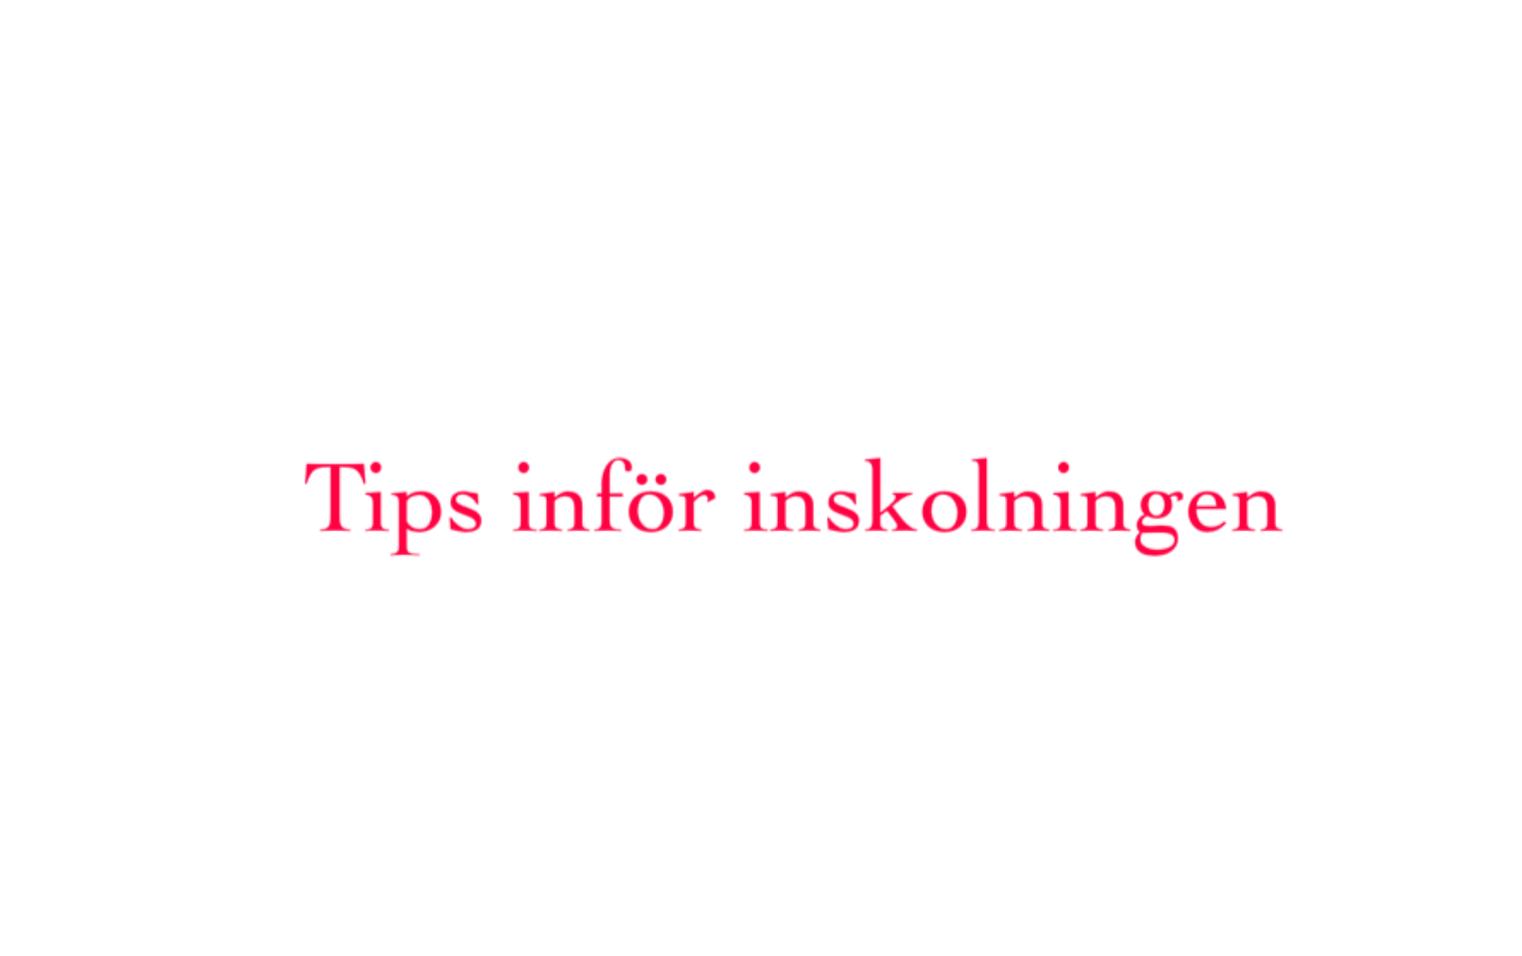 Bästa tipsen inför inskolningen